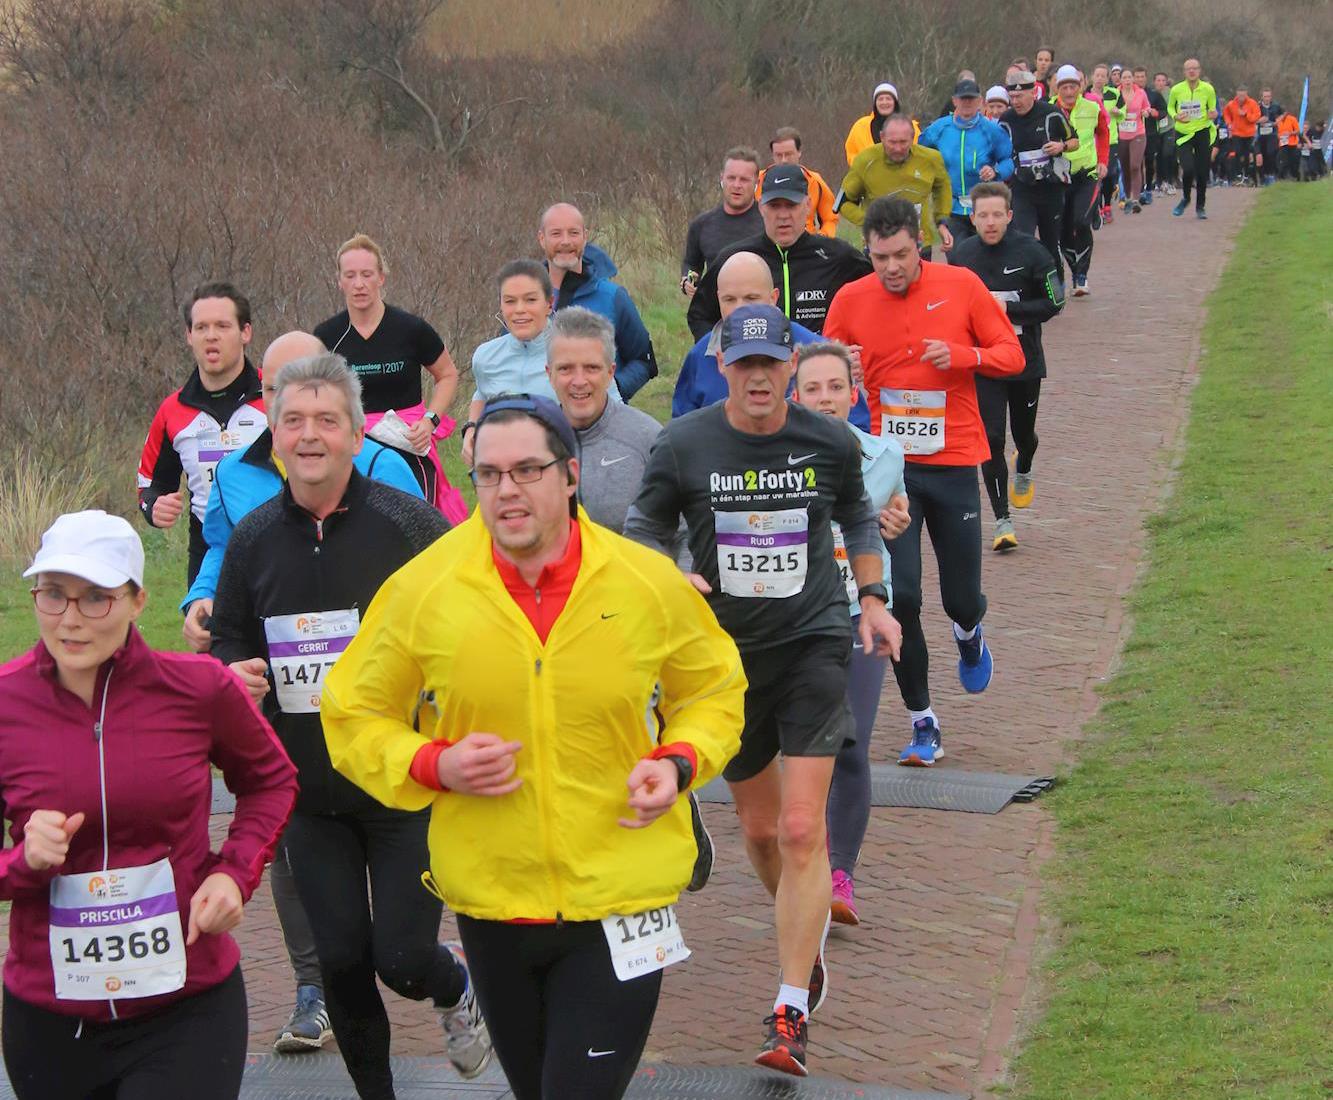 Verstopt tussen de deelnemers tijdens de Egmond Halve Marathon 2019